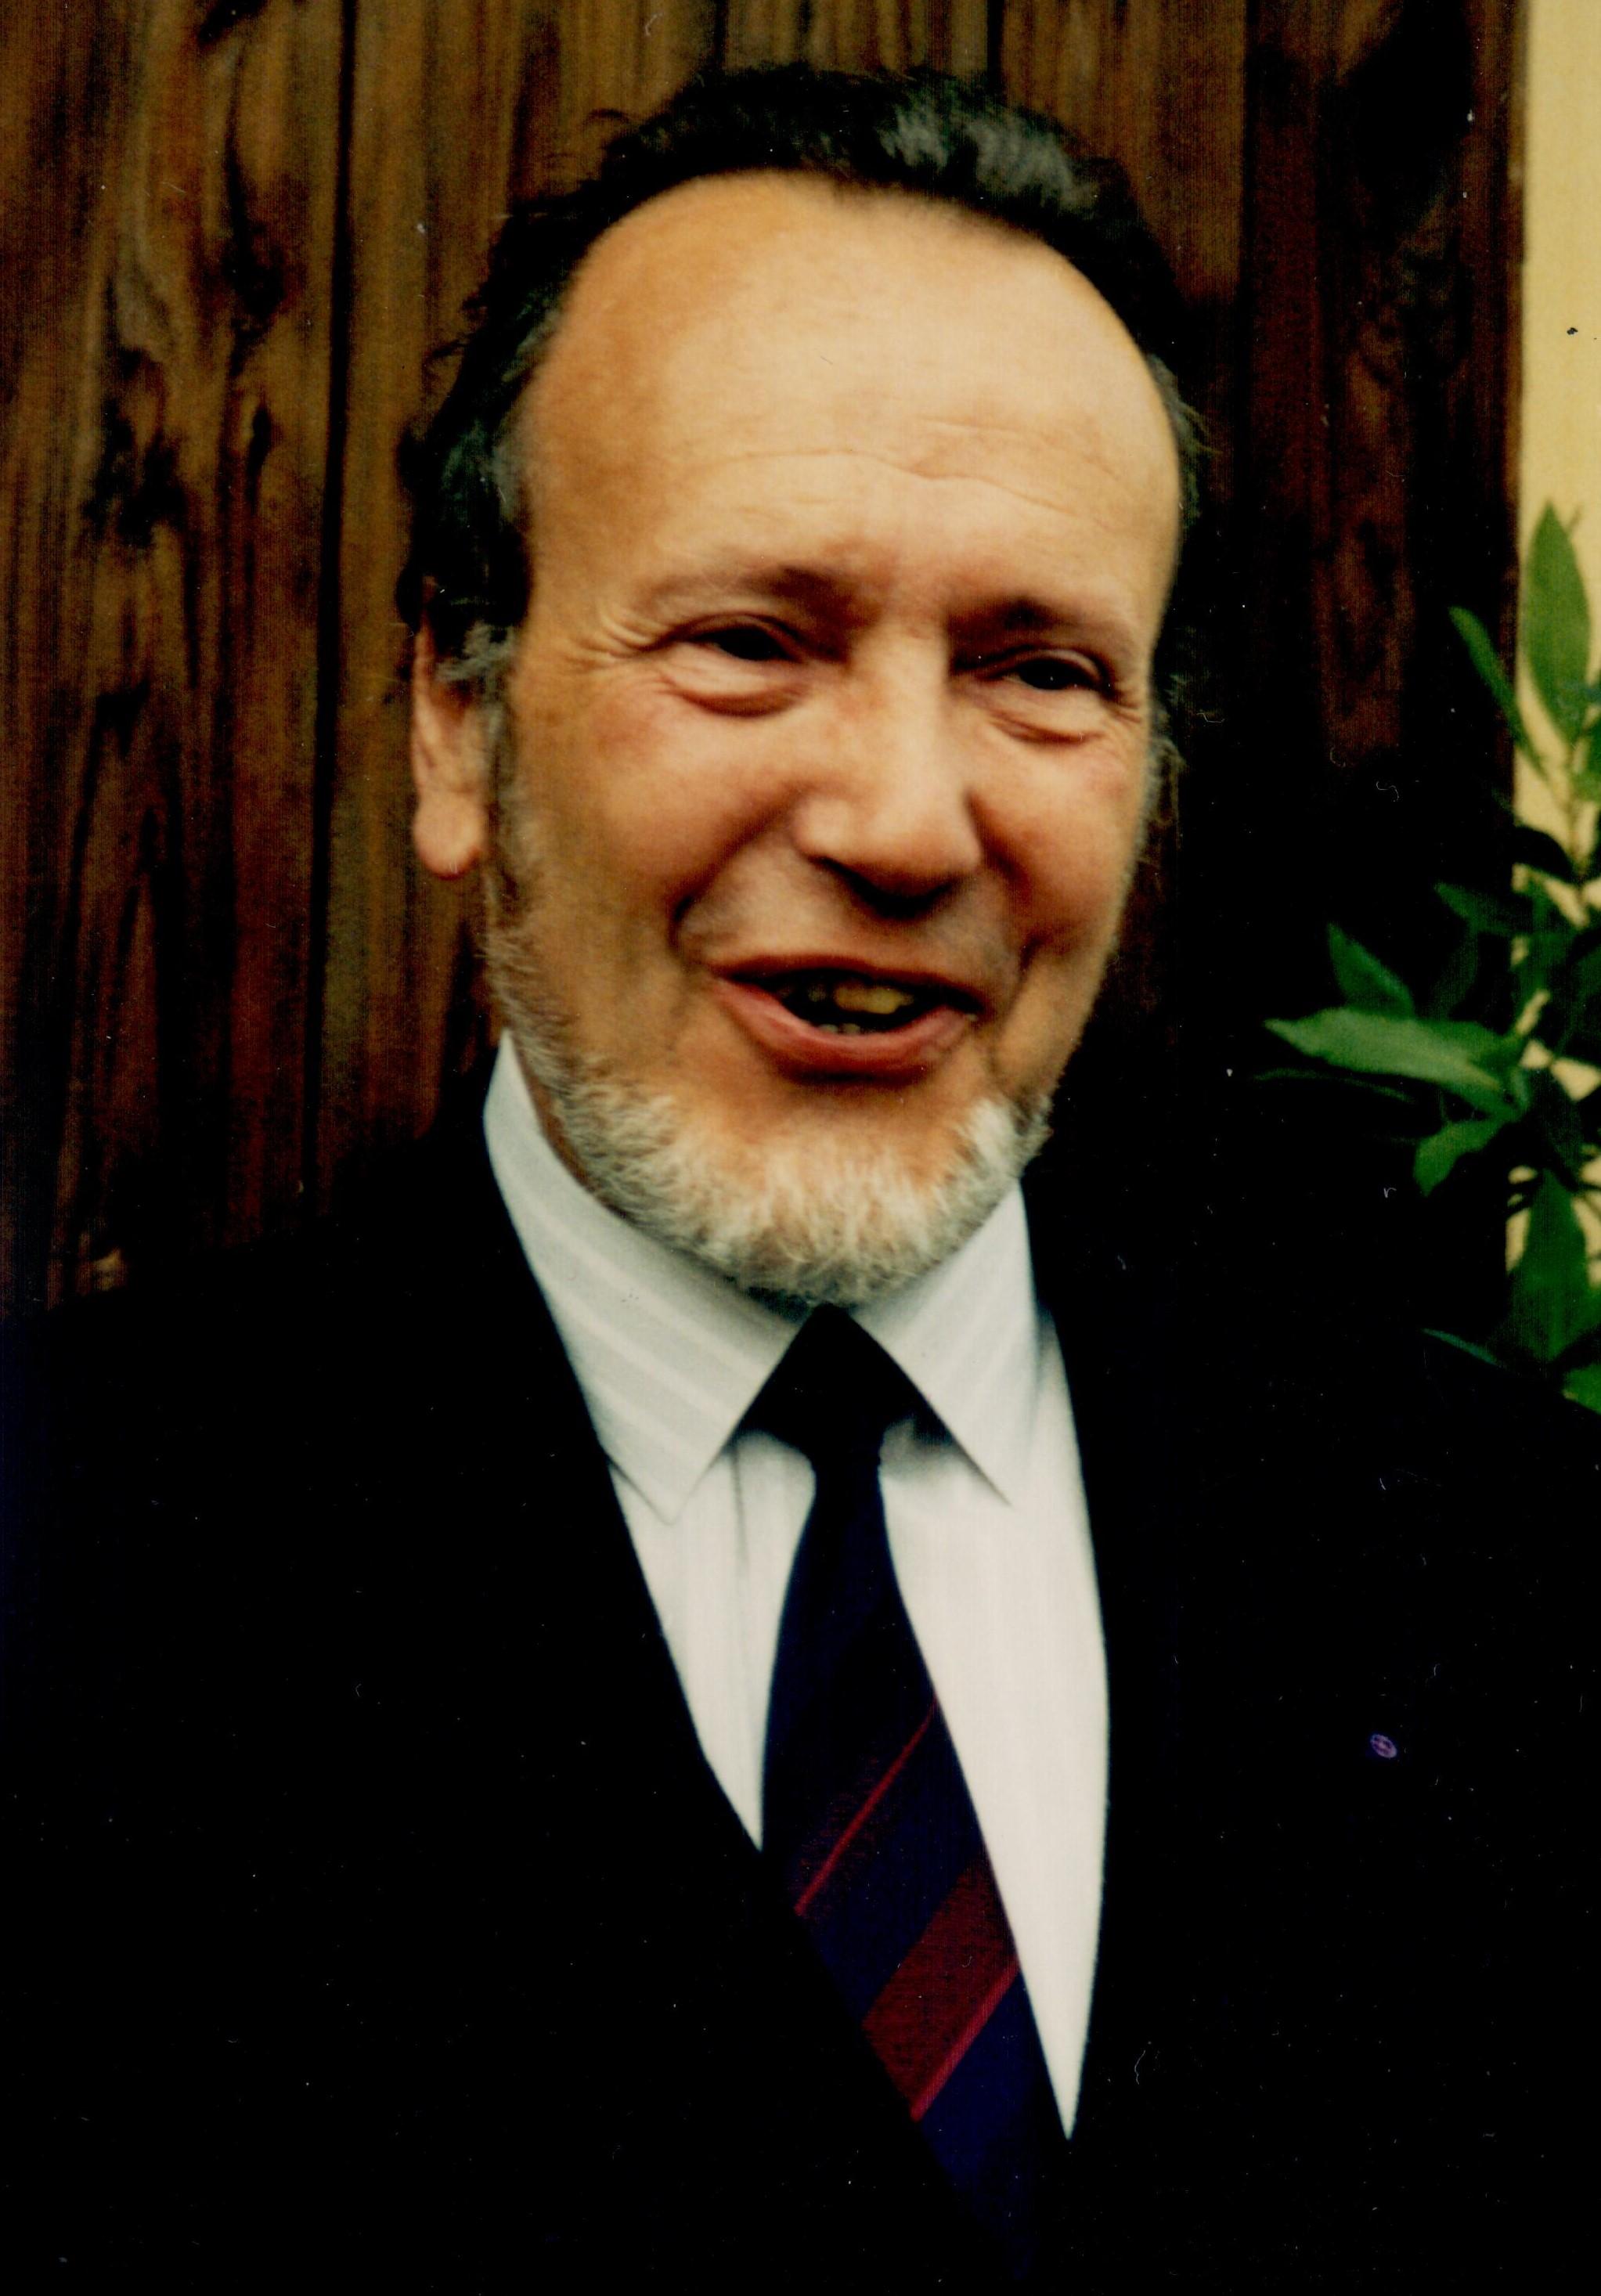 1991-06-24 - René ARNOLD - Remise des insignes de Chevalier de l_Ordre Nationale du Mérite - 2.jpg